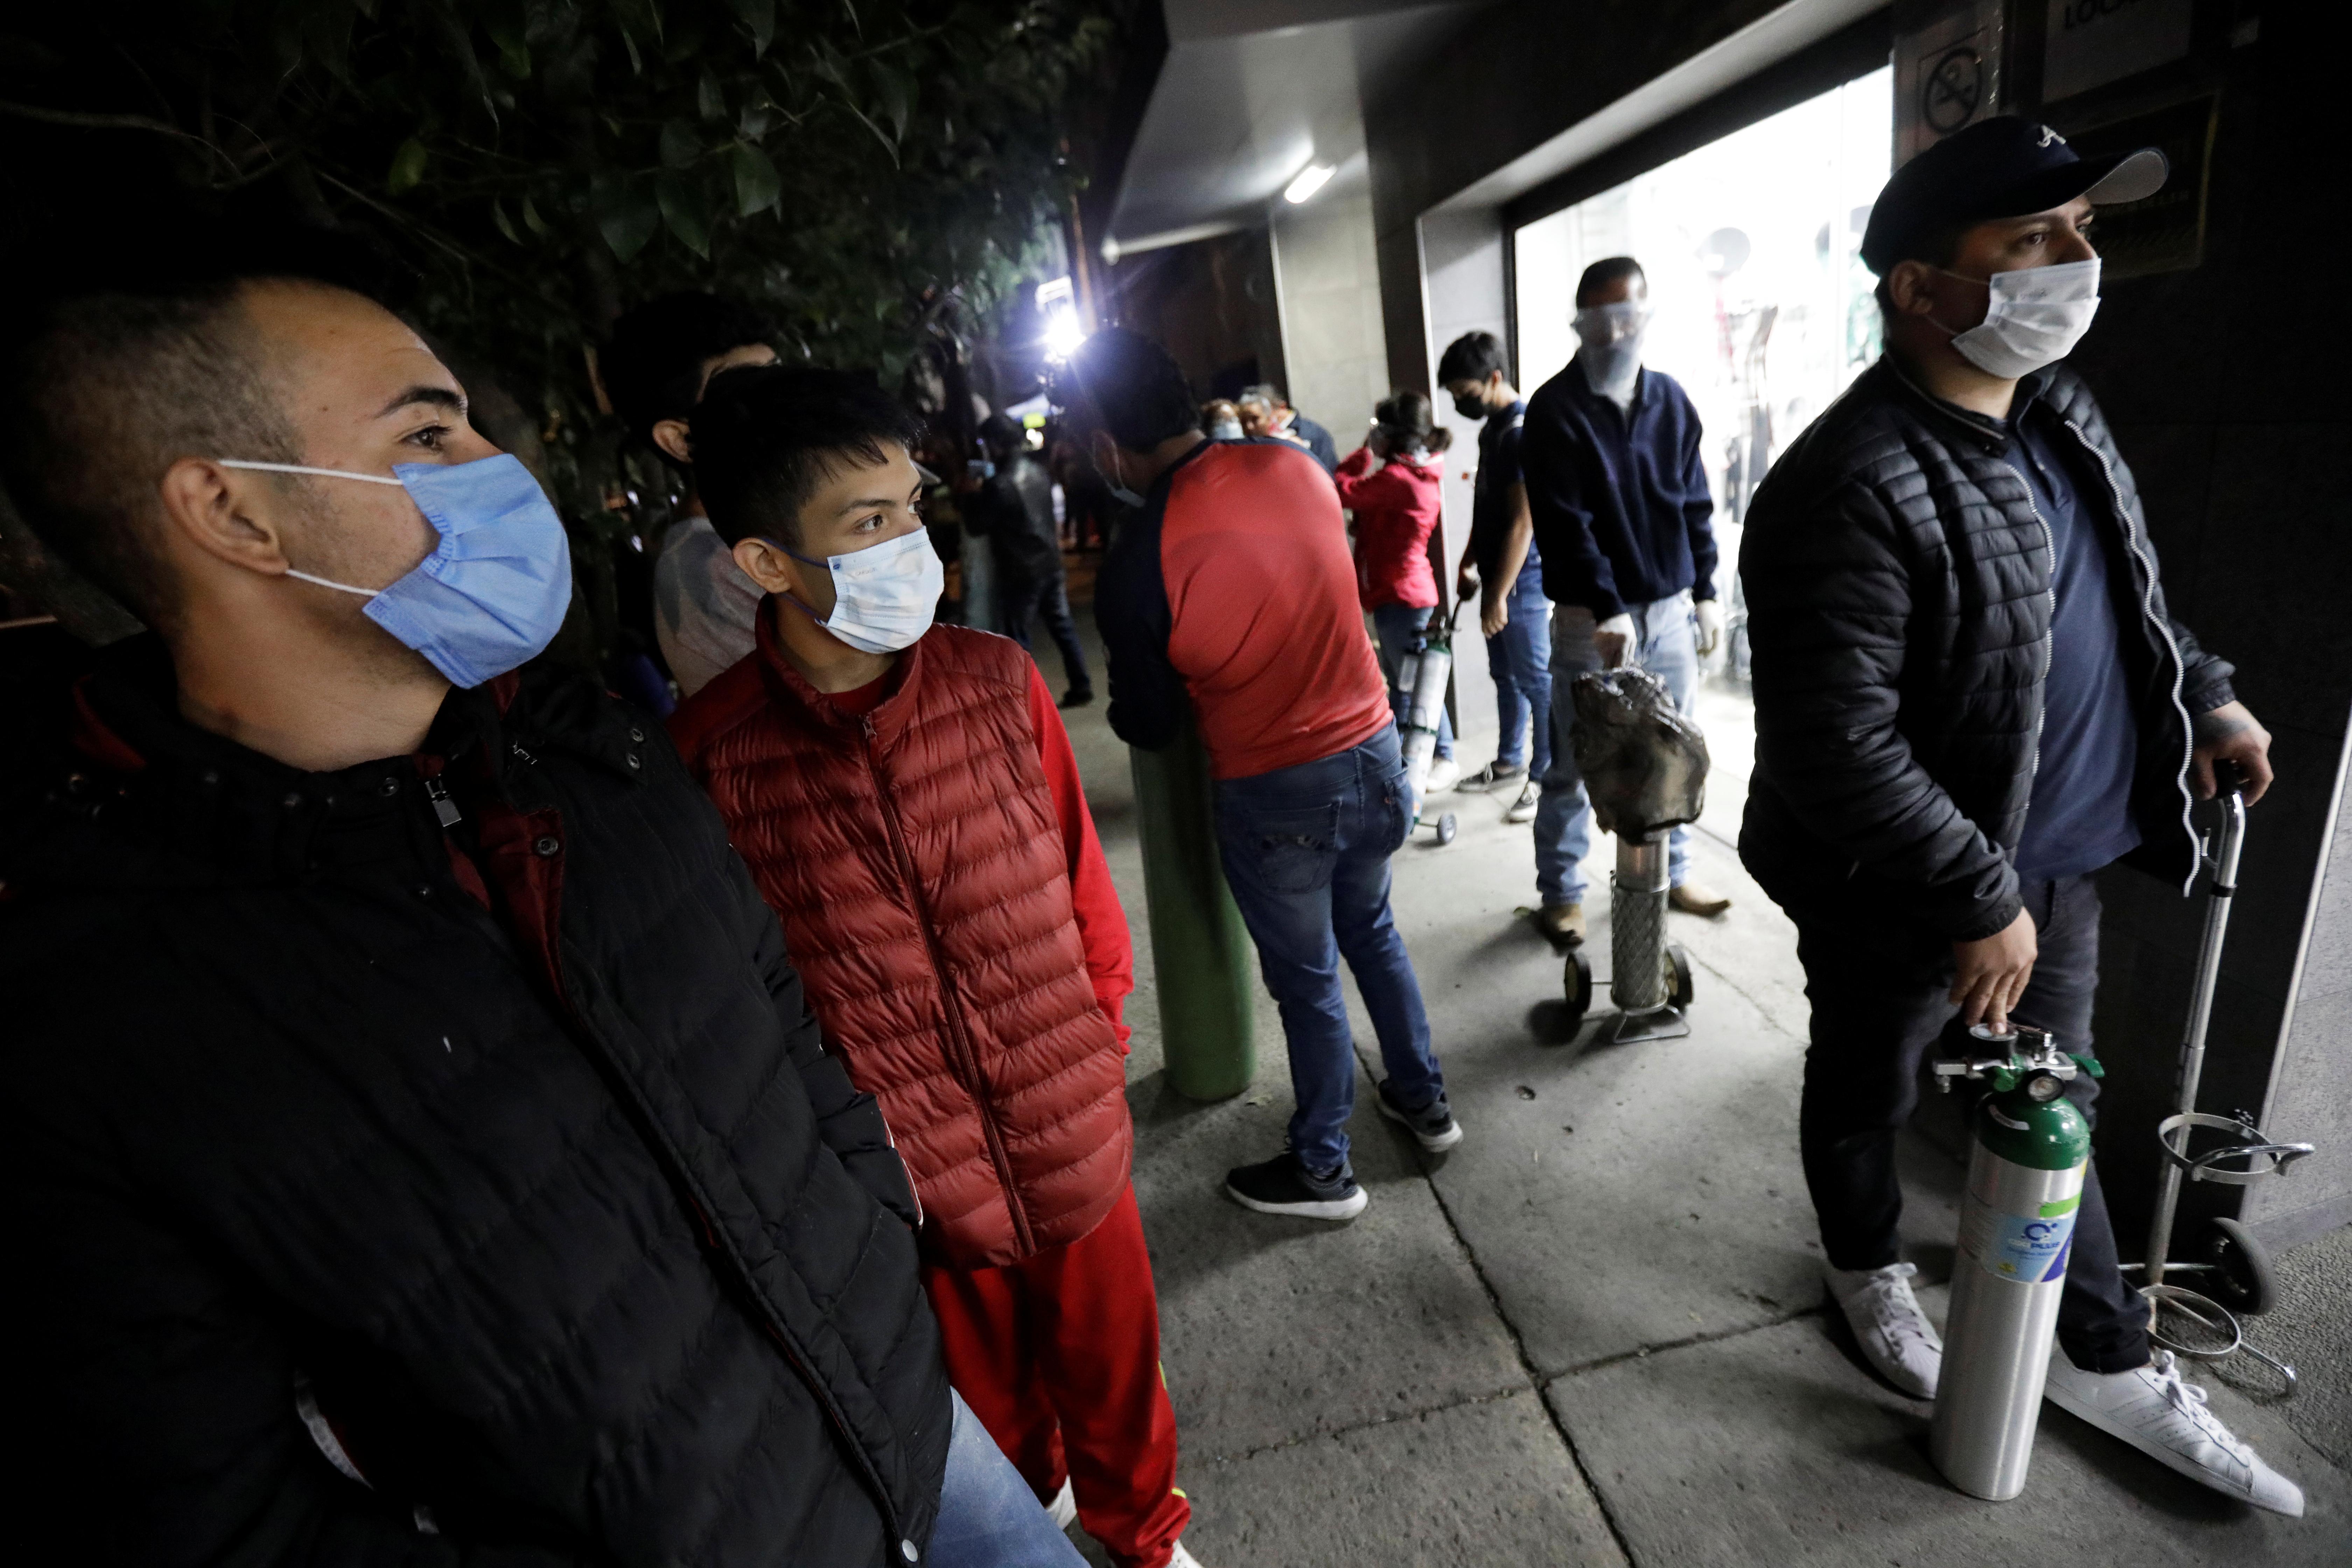 Personas hacen cola para llenar los tanques de oxígeno para familiares infectados con COVID-19, afuera de una tienda de suministros médicos, en la Ciudad de México, México, 15 de diciembre de 2020. Fotografía tomada el 15 de diciembre de 2020.